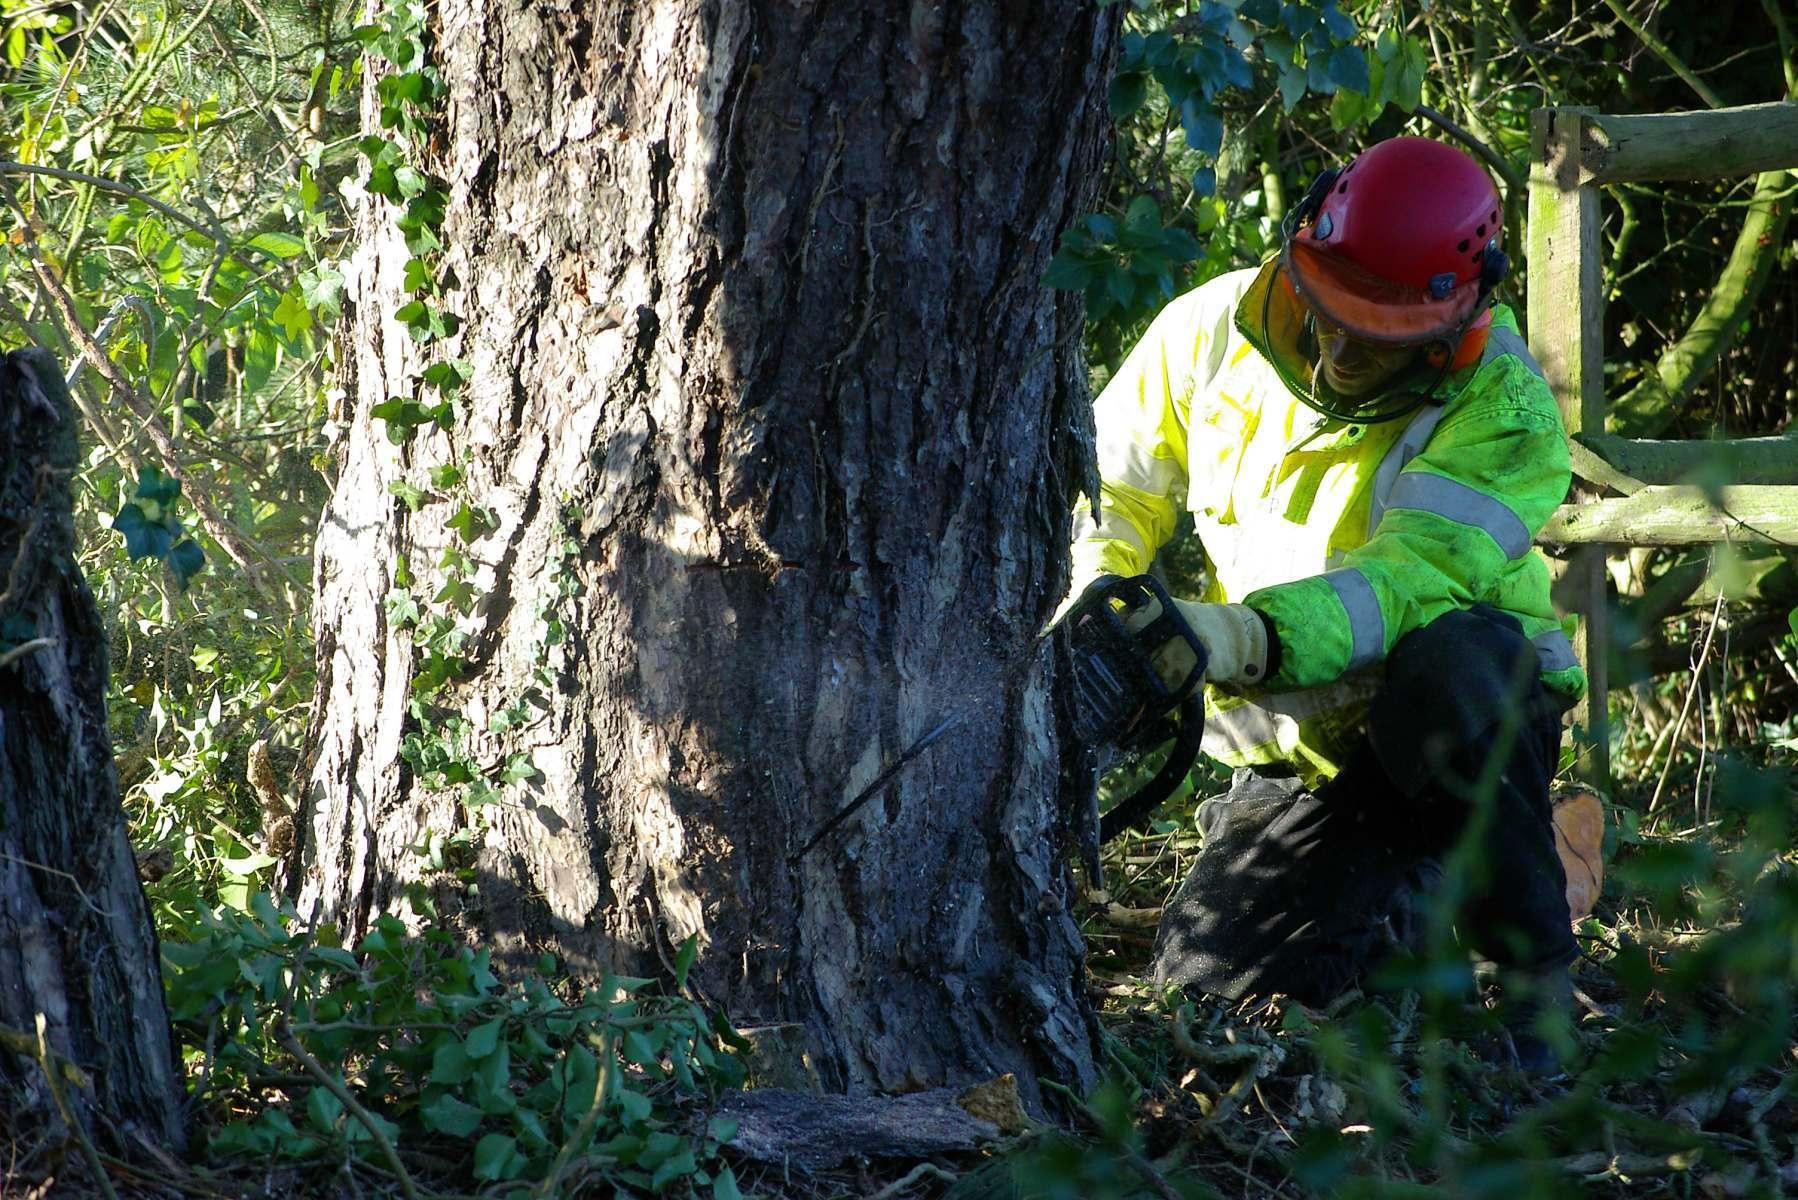 Tree_surgeon_making_cut_to_begin_felling_large_tree